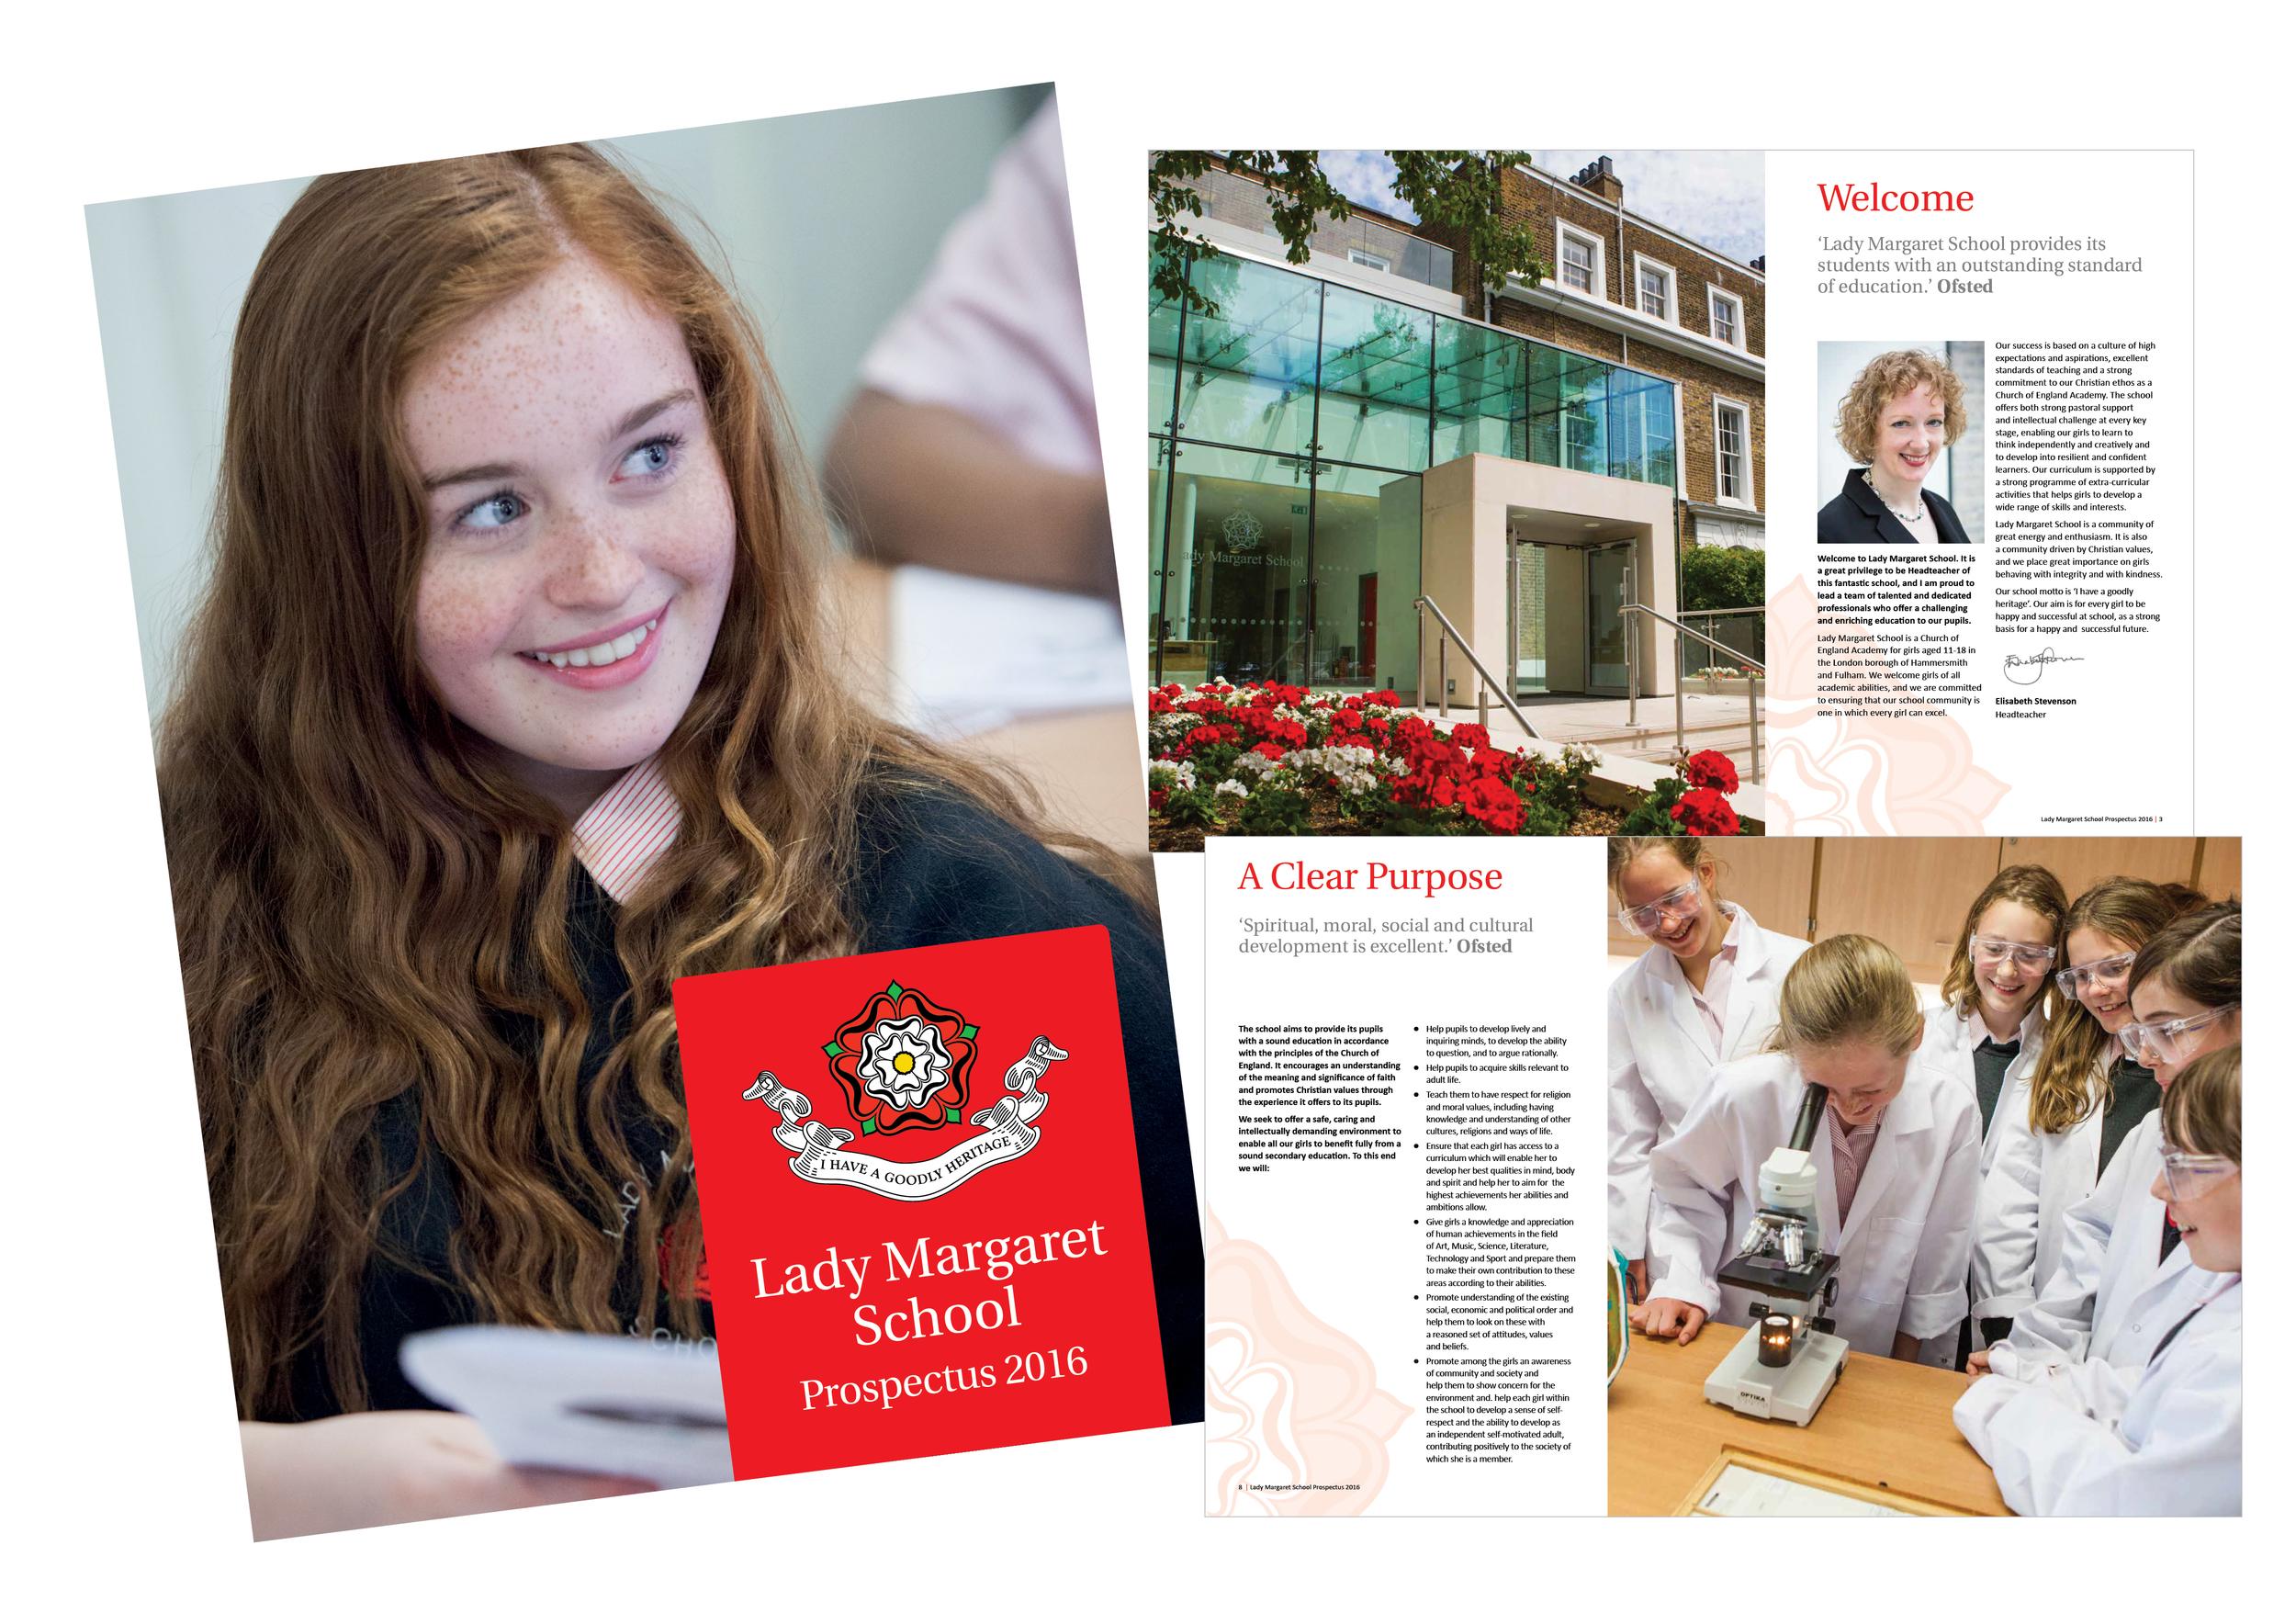 Client: LADY MARGARET SCHOOL